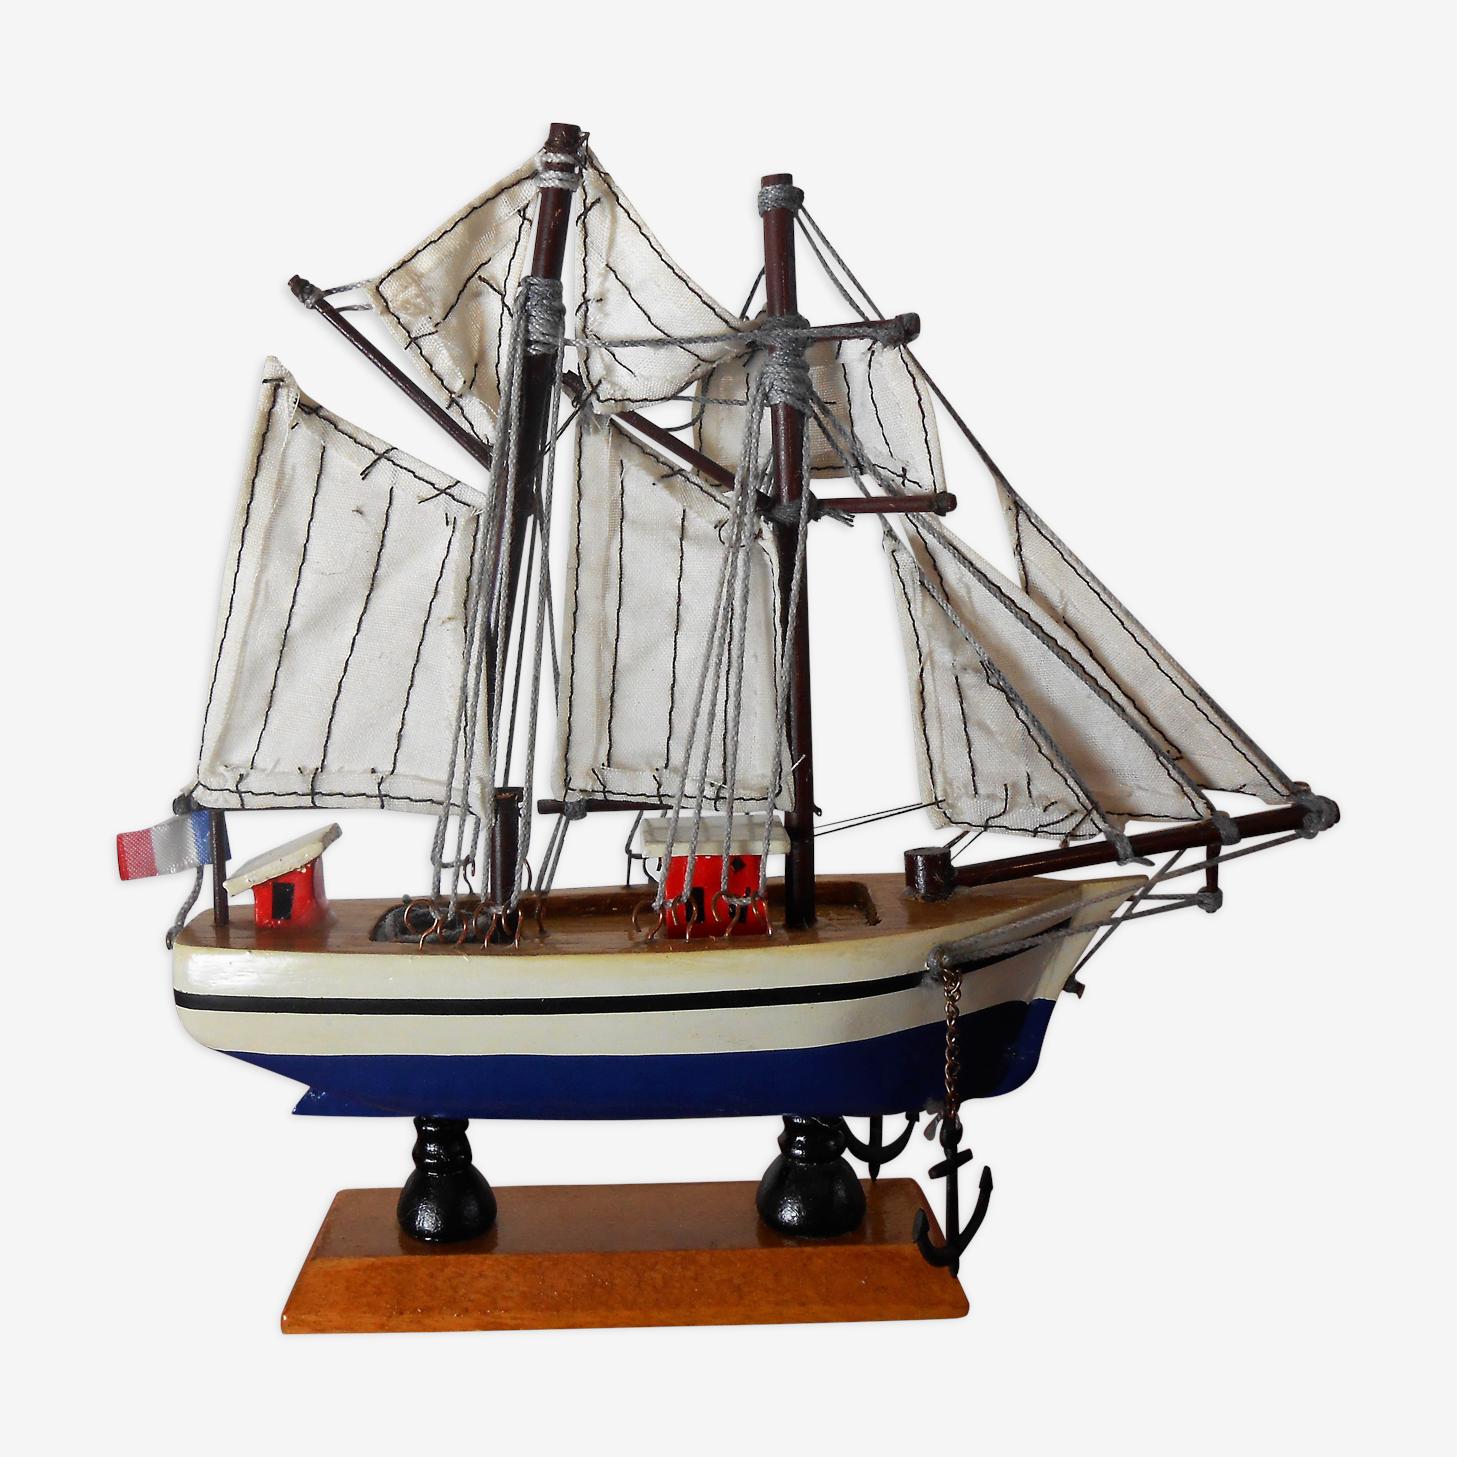 Maquette de bateau deux mâts en bois